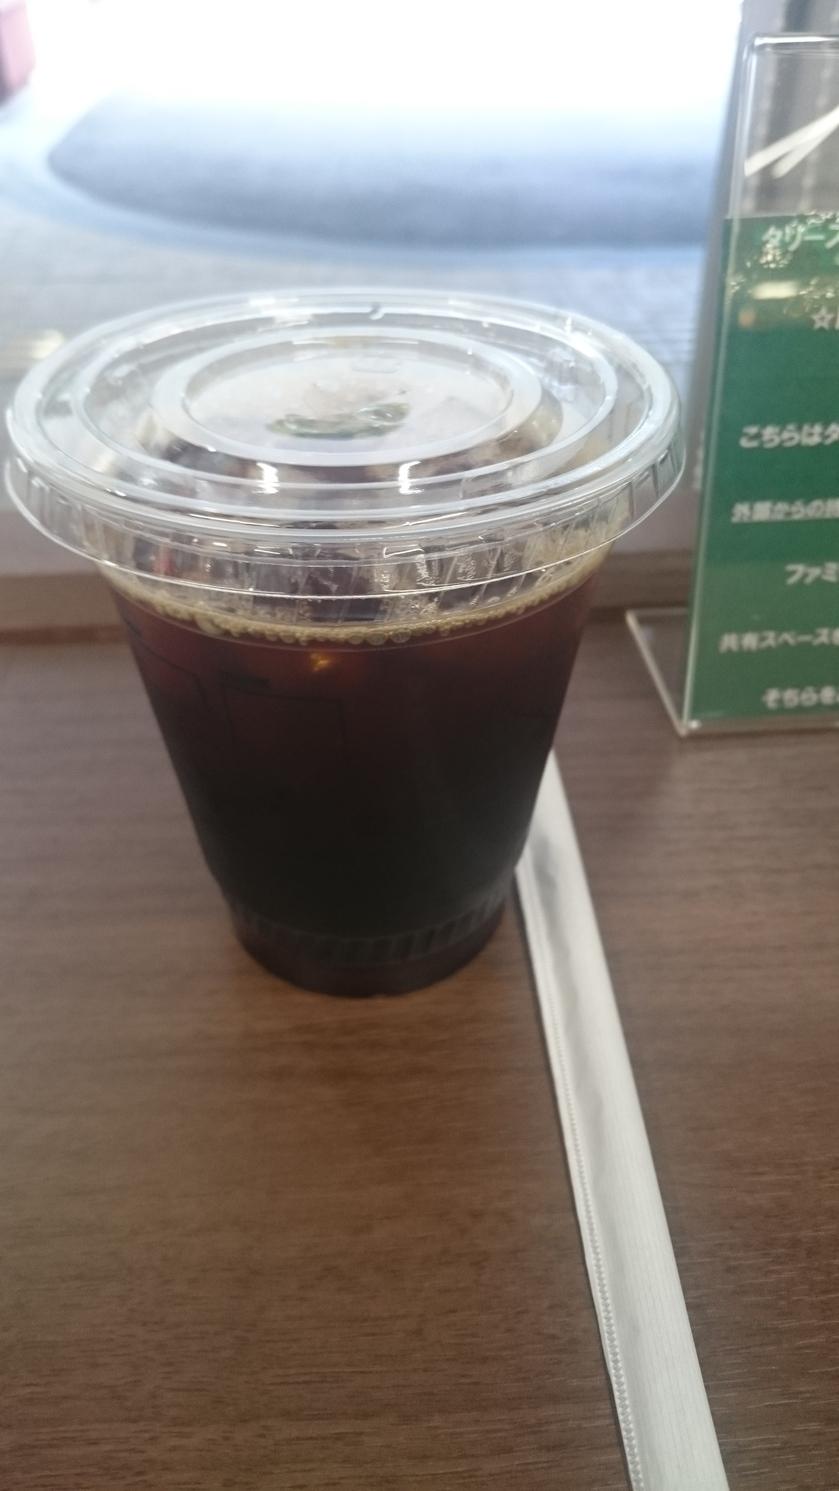 タリーズコーヒー JCHO大阪病院店